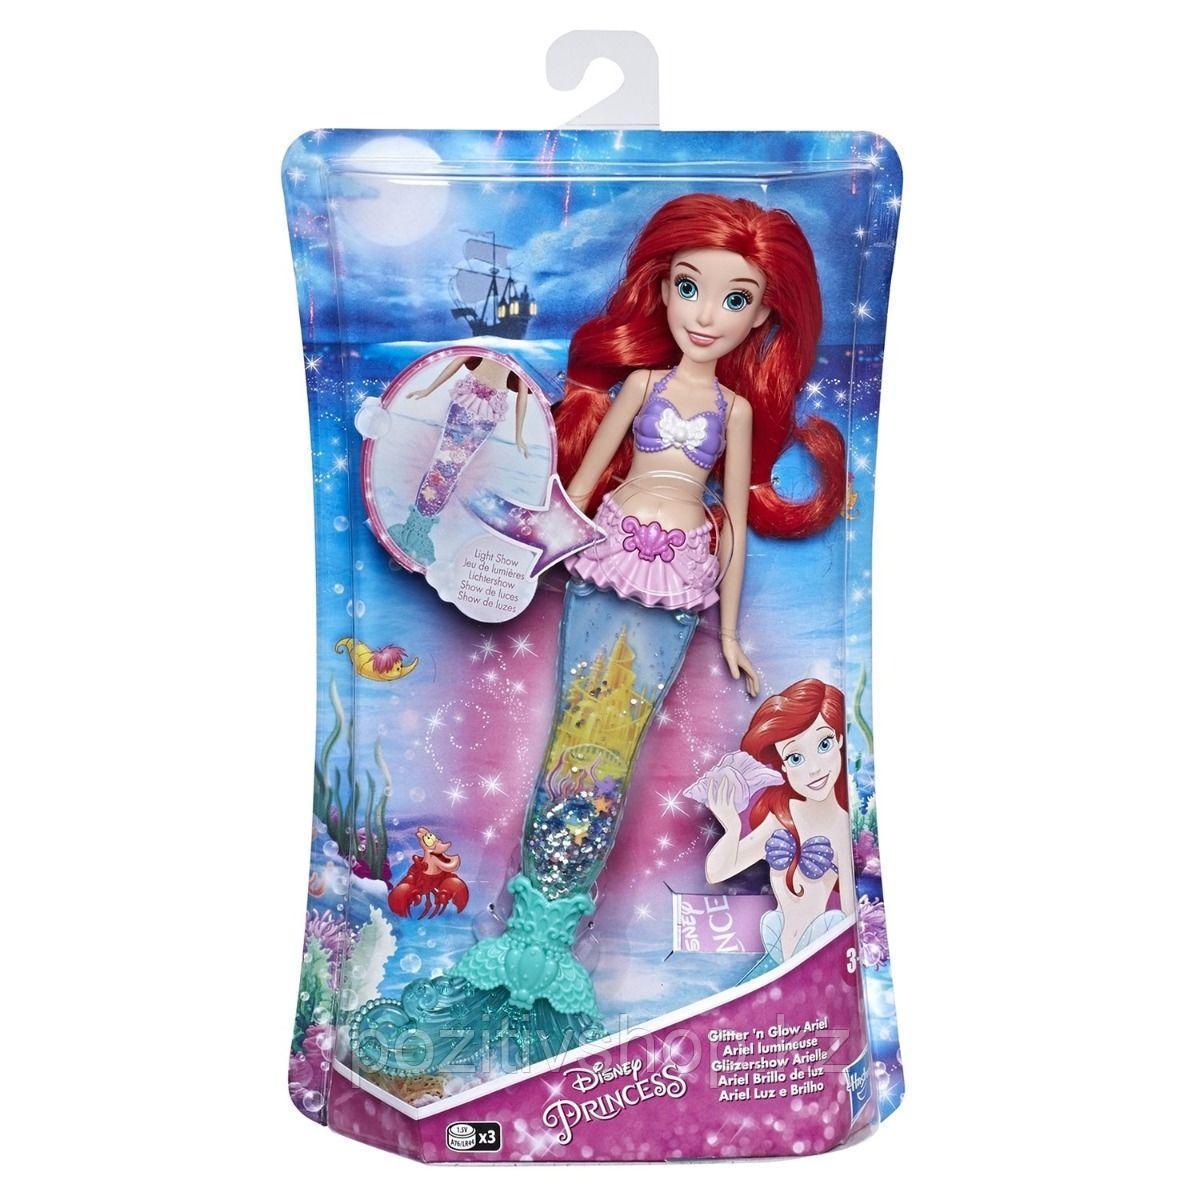 Интерактивная кукла Ариэль Disney Princess - фото 2